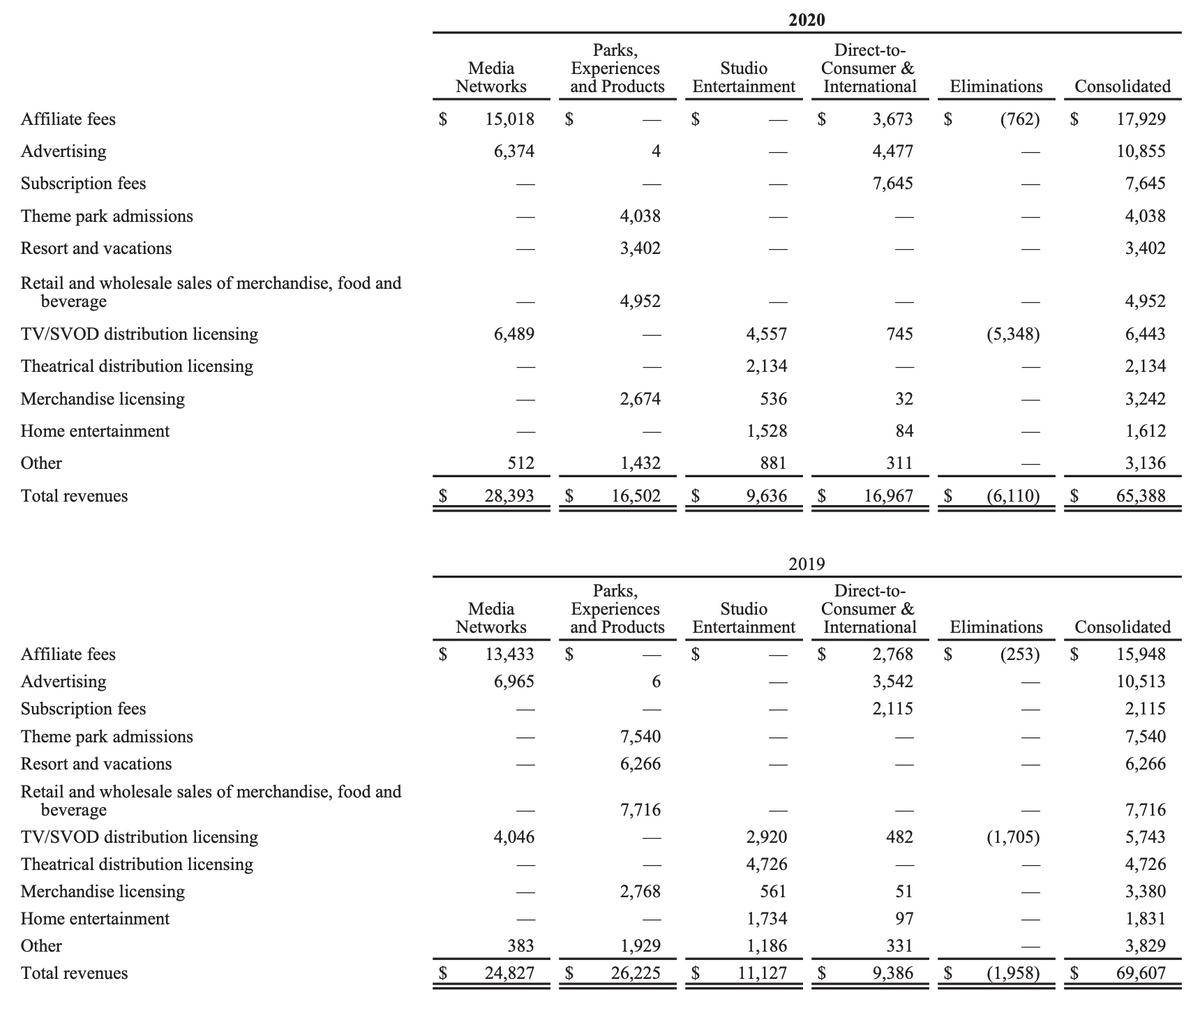 Выручка компании по сегментам и видам в 2020и 2019в миллионах долларов. Источник: годовой отчет компании, стр.94(97)